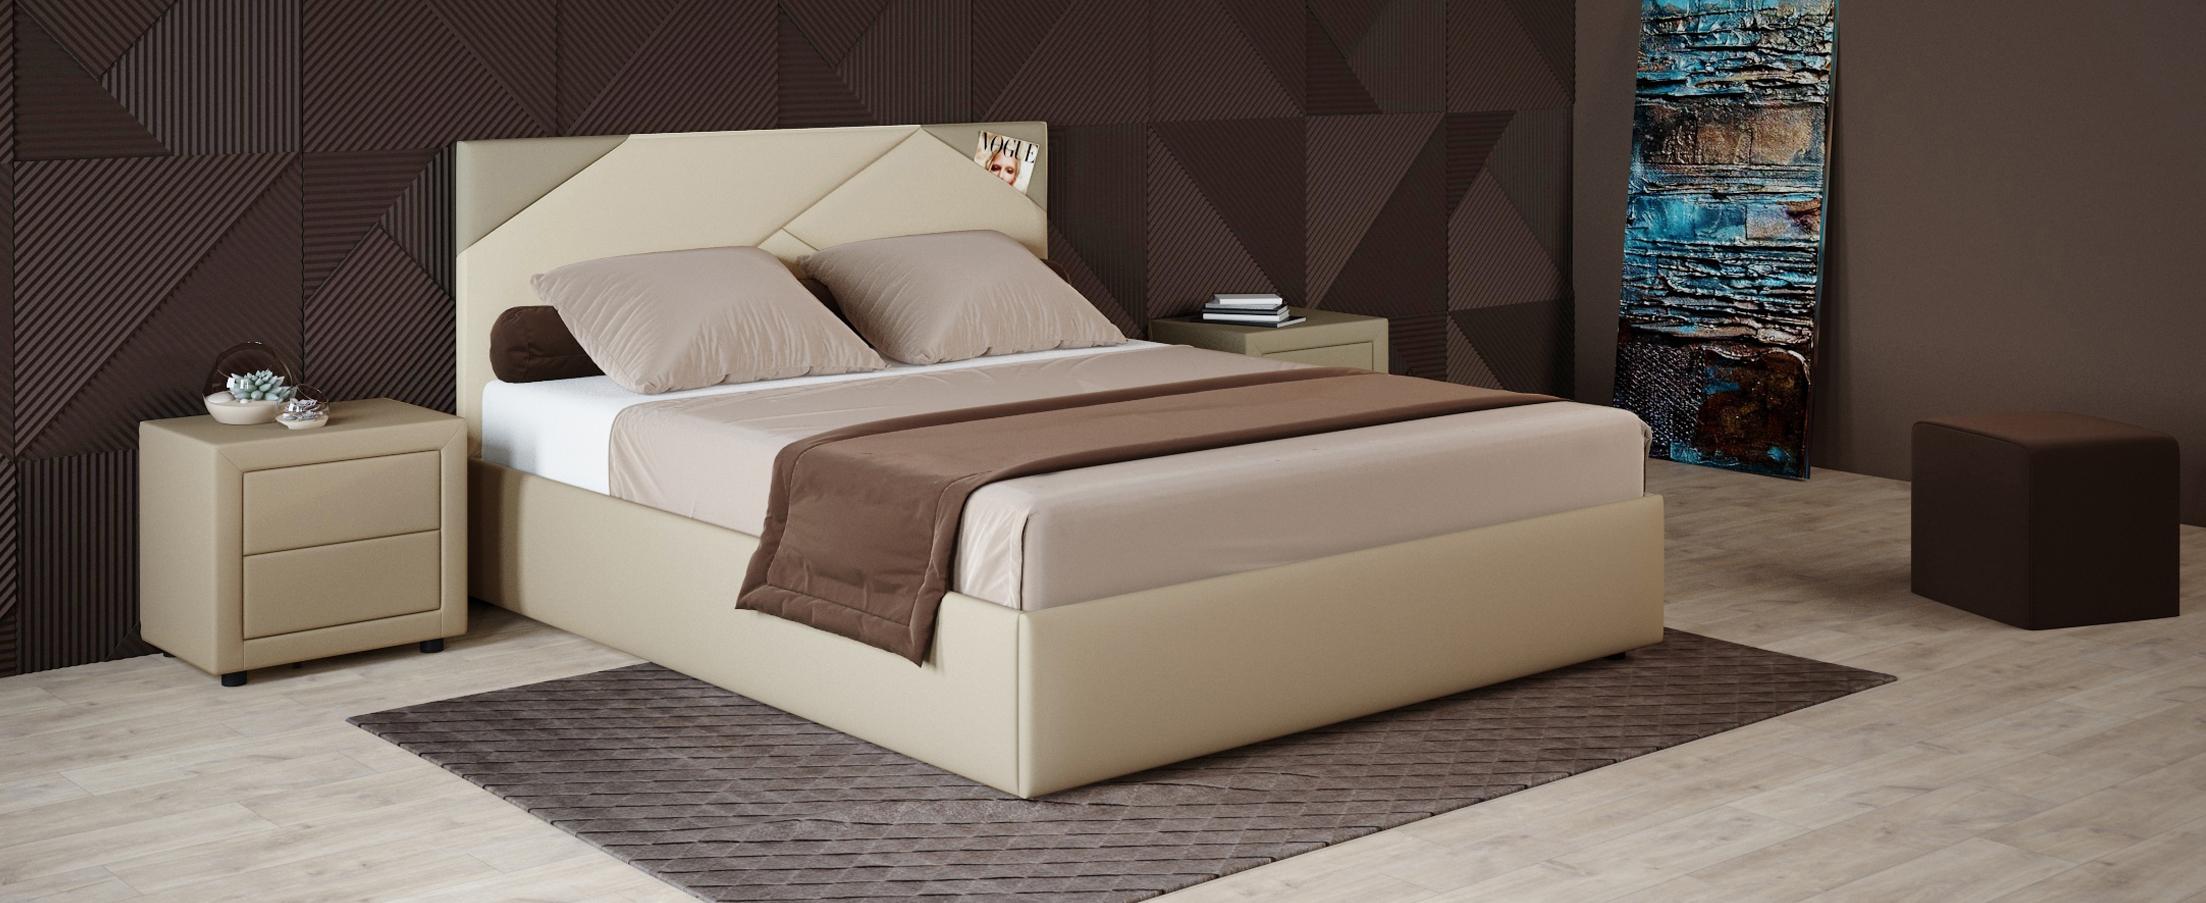 Кровать двуспальная Альба 160х200 Модель 1206Уникальность кровати Альба заключается в геометрических элементах мягкого изголовья, такой дизайнерский прием поможет задать ритм всему интерьеру.<br>